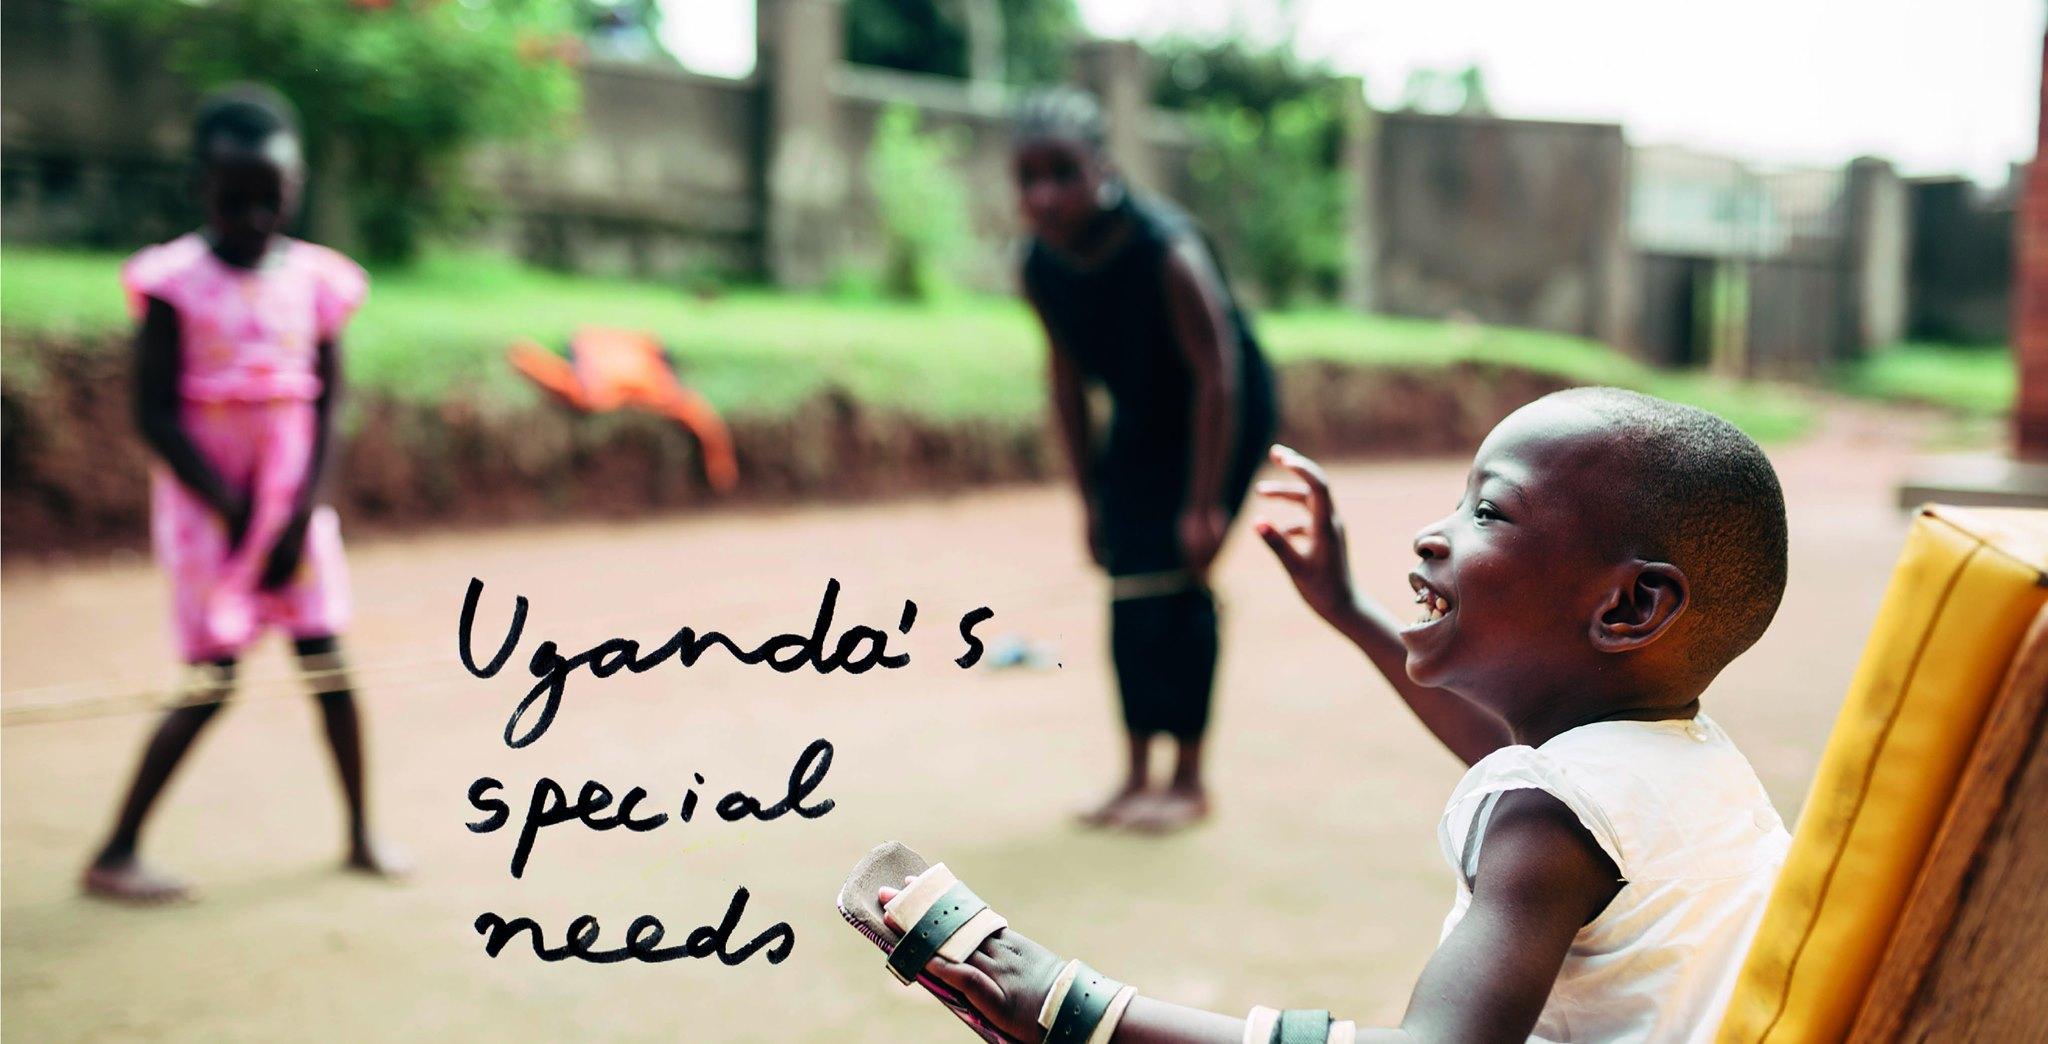 Deurne leeft uganda special needs districthuis deurne